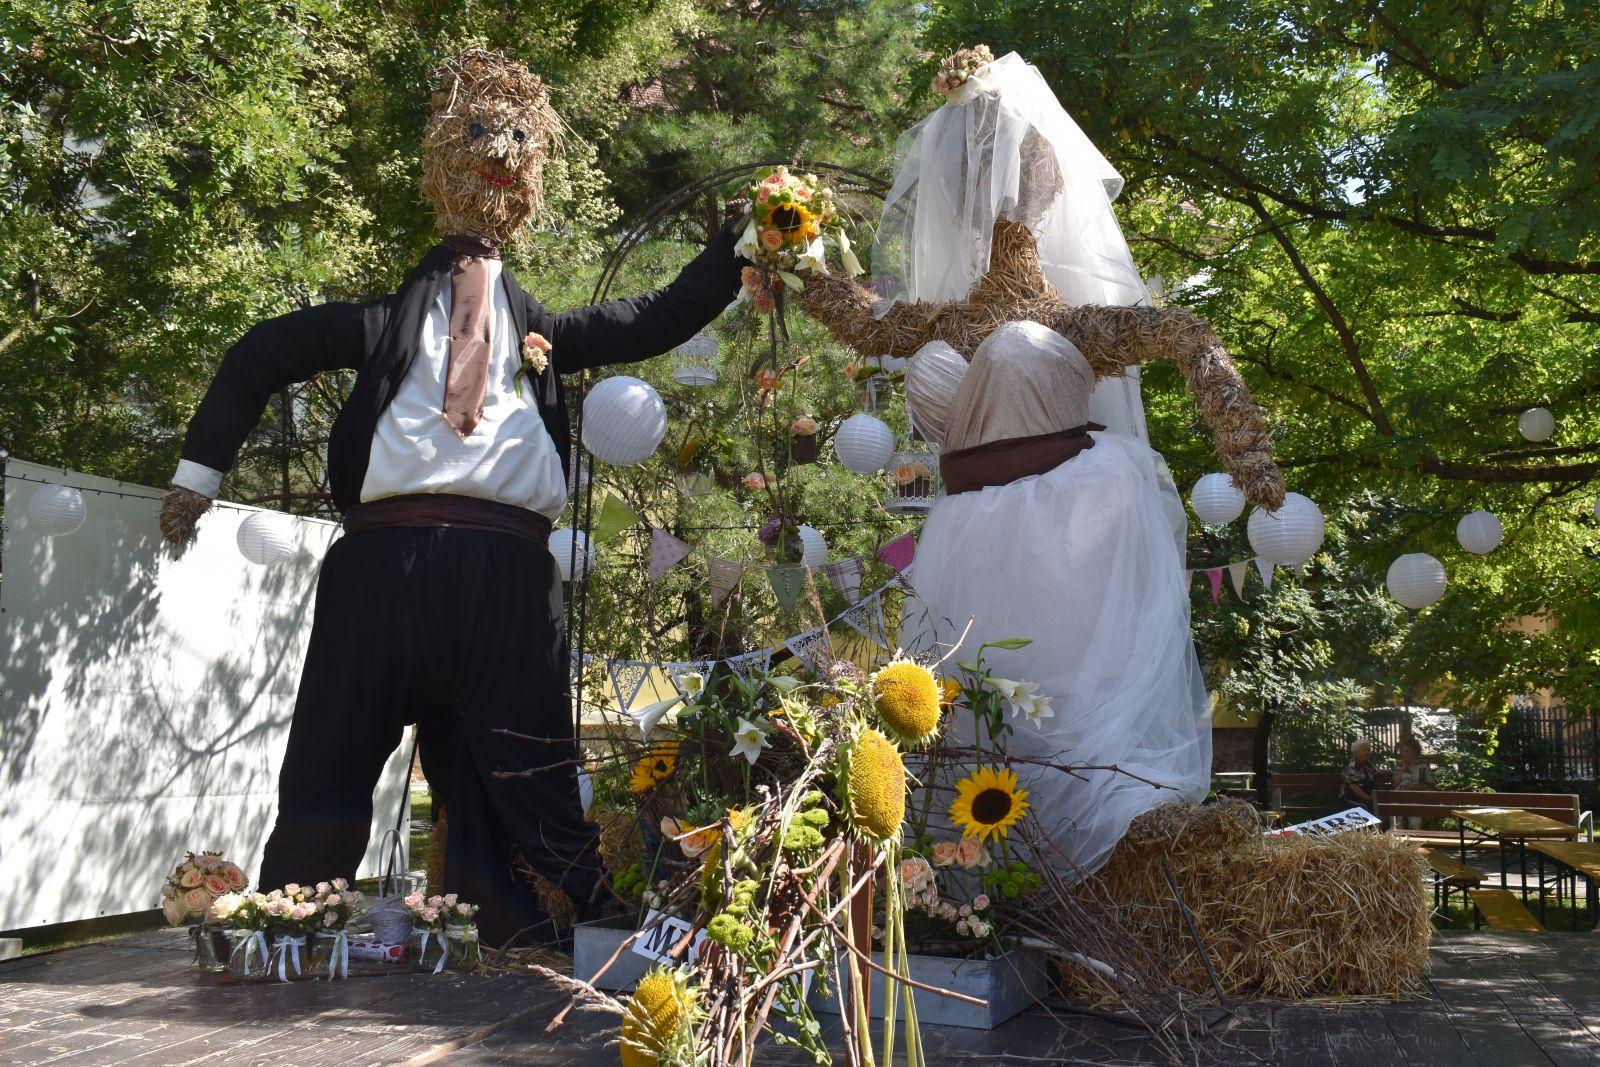 Köszöntsük együtt Bor Ivót és Bor Virágot!